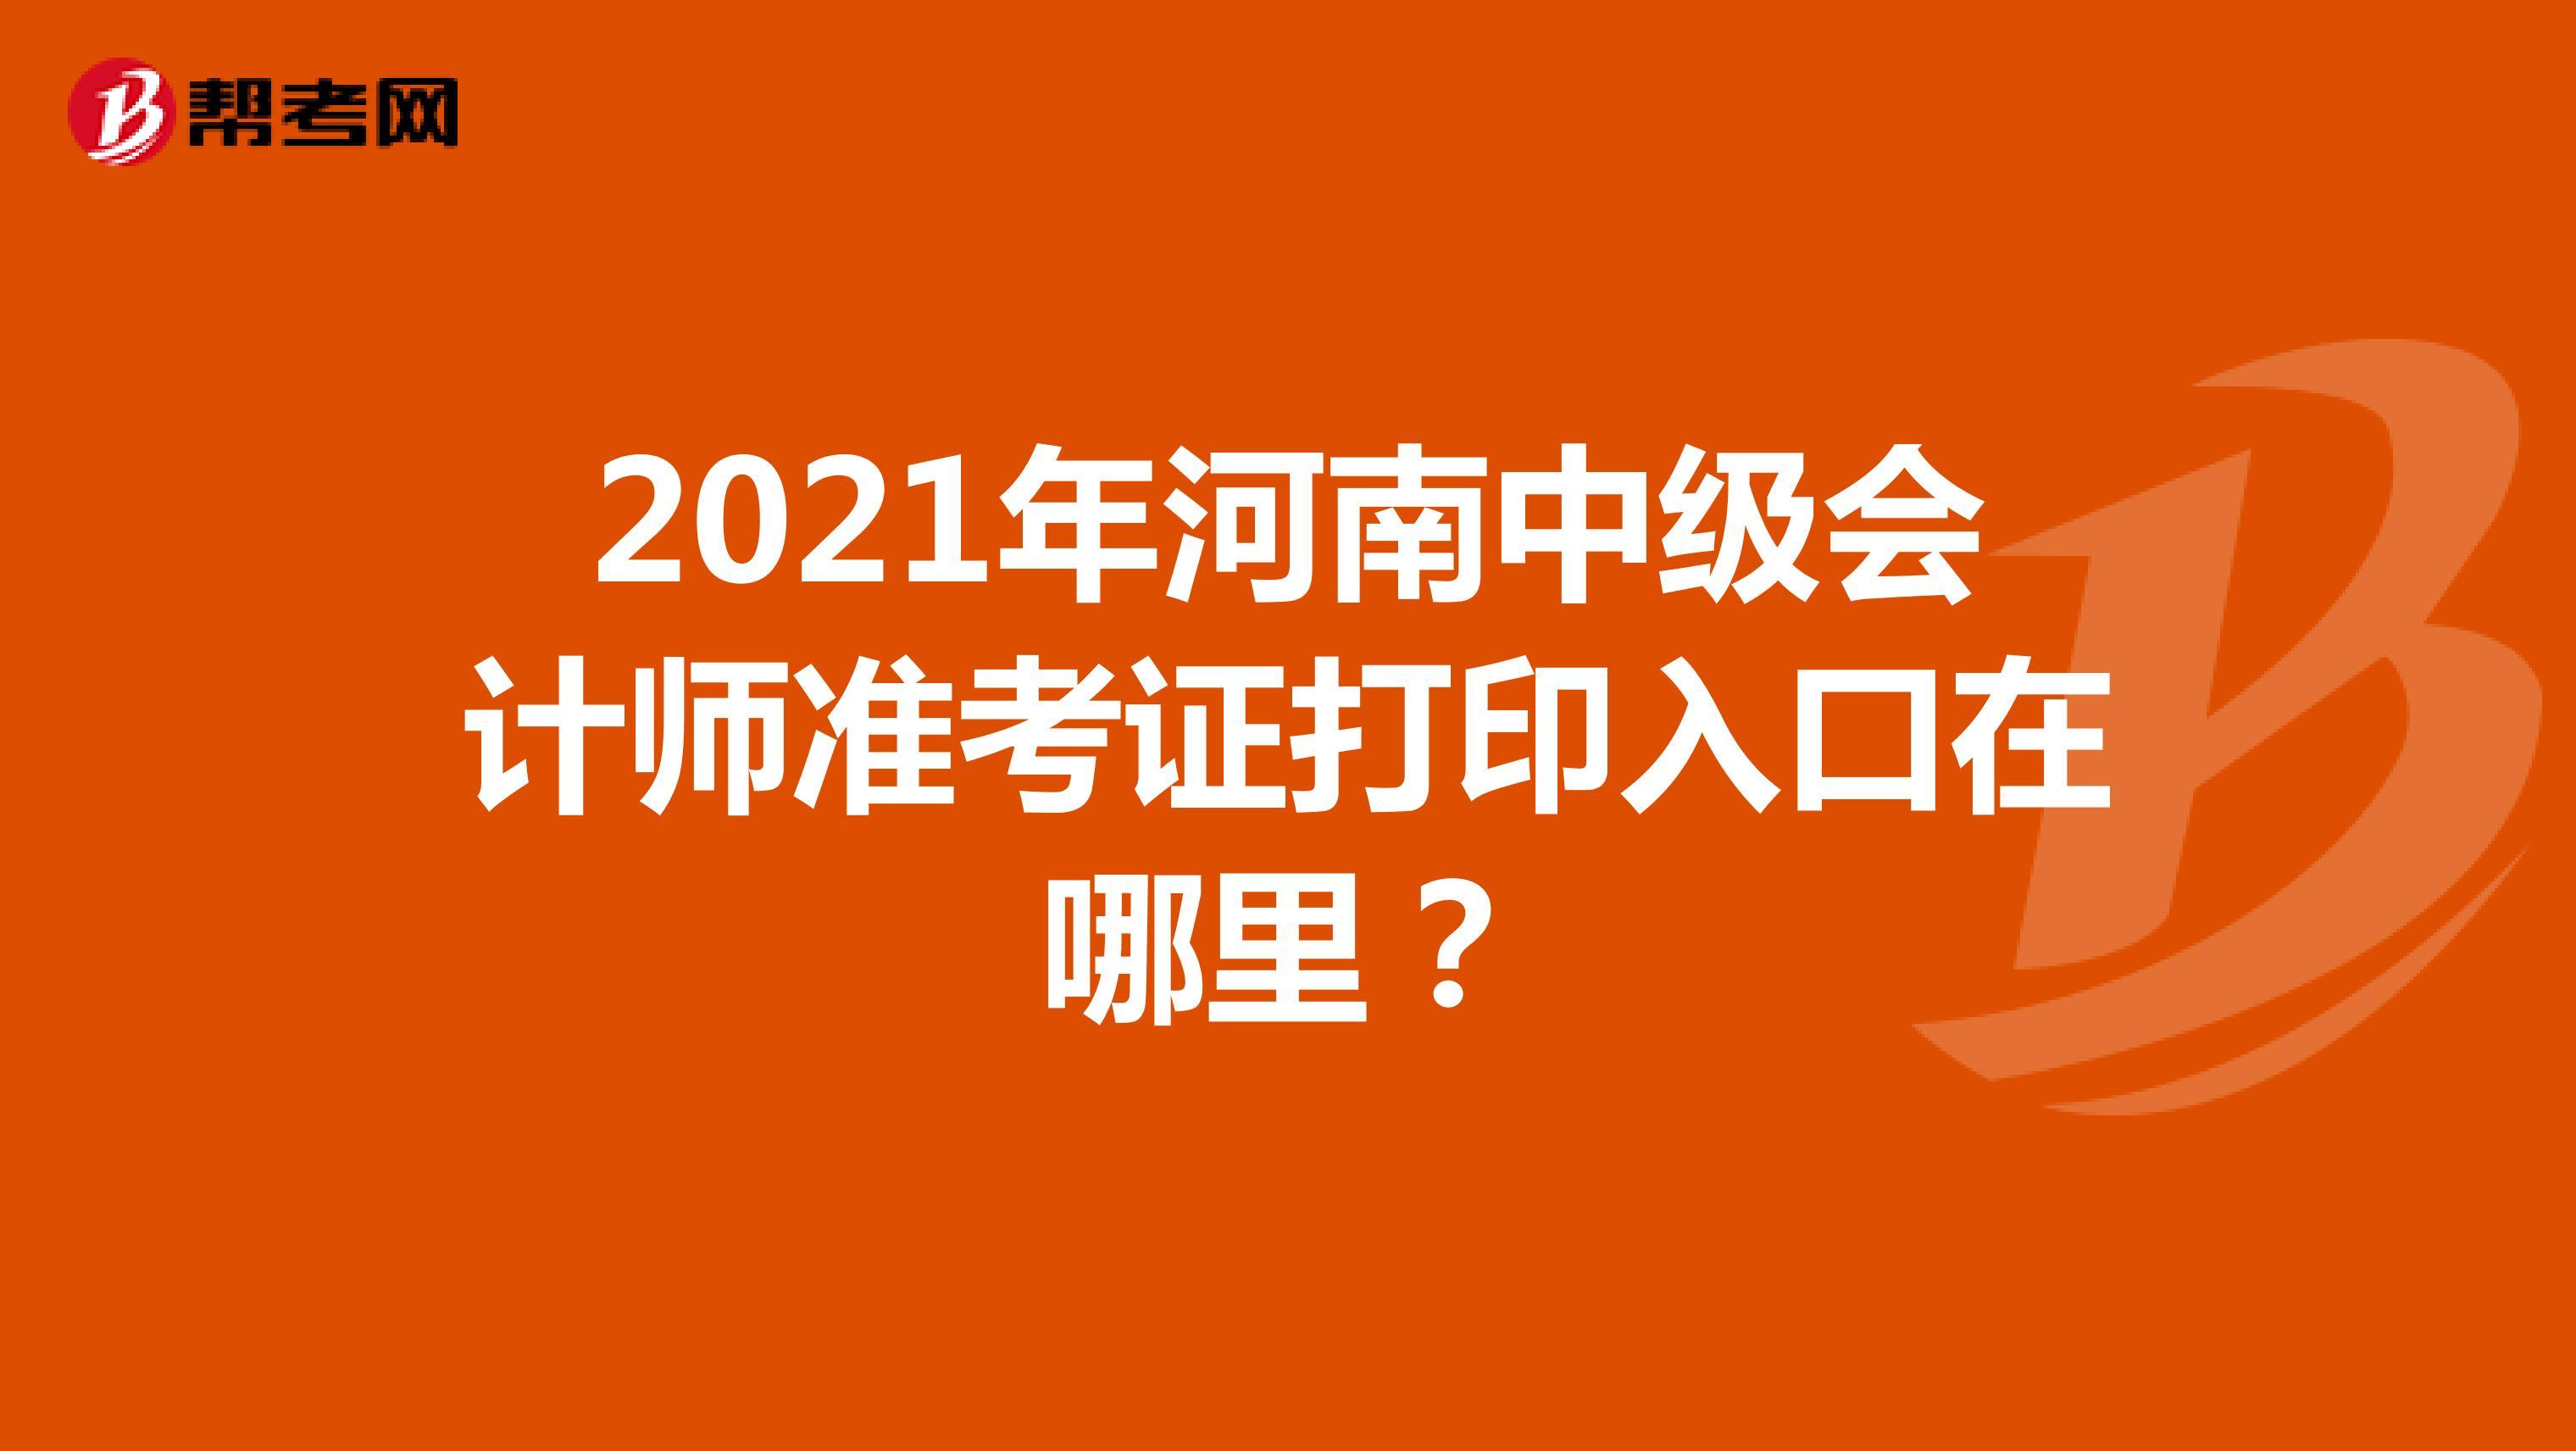 2021年河南中级会计师准考证打印入口在哪里?